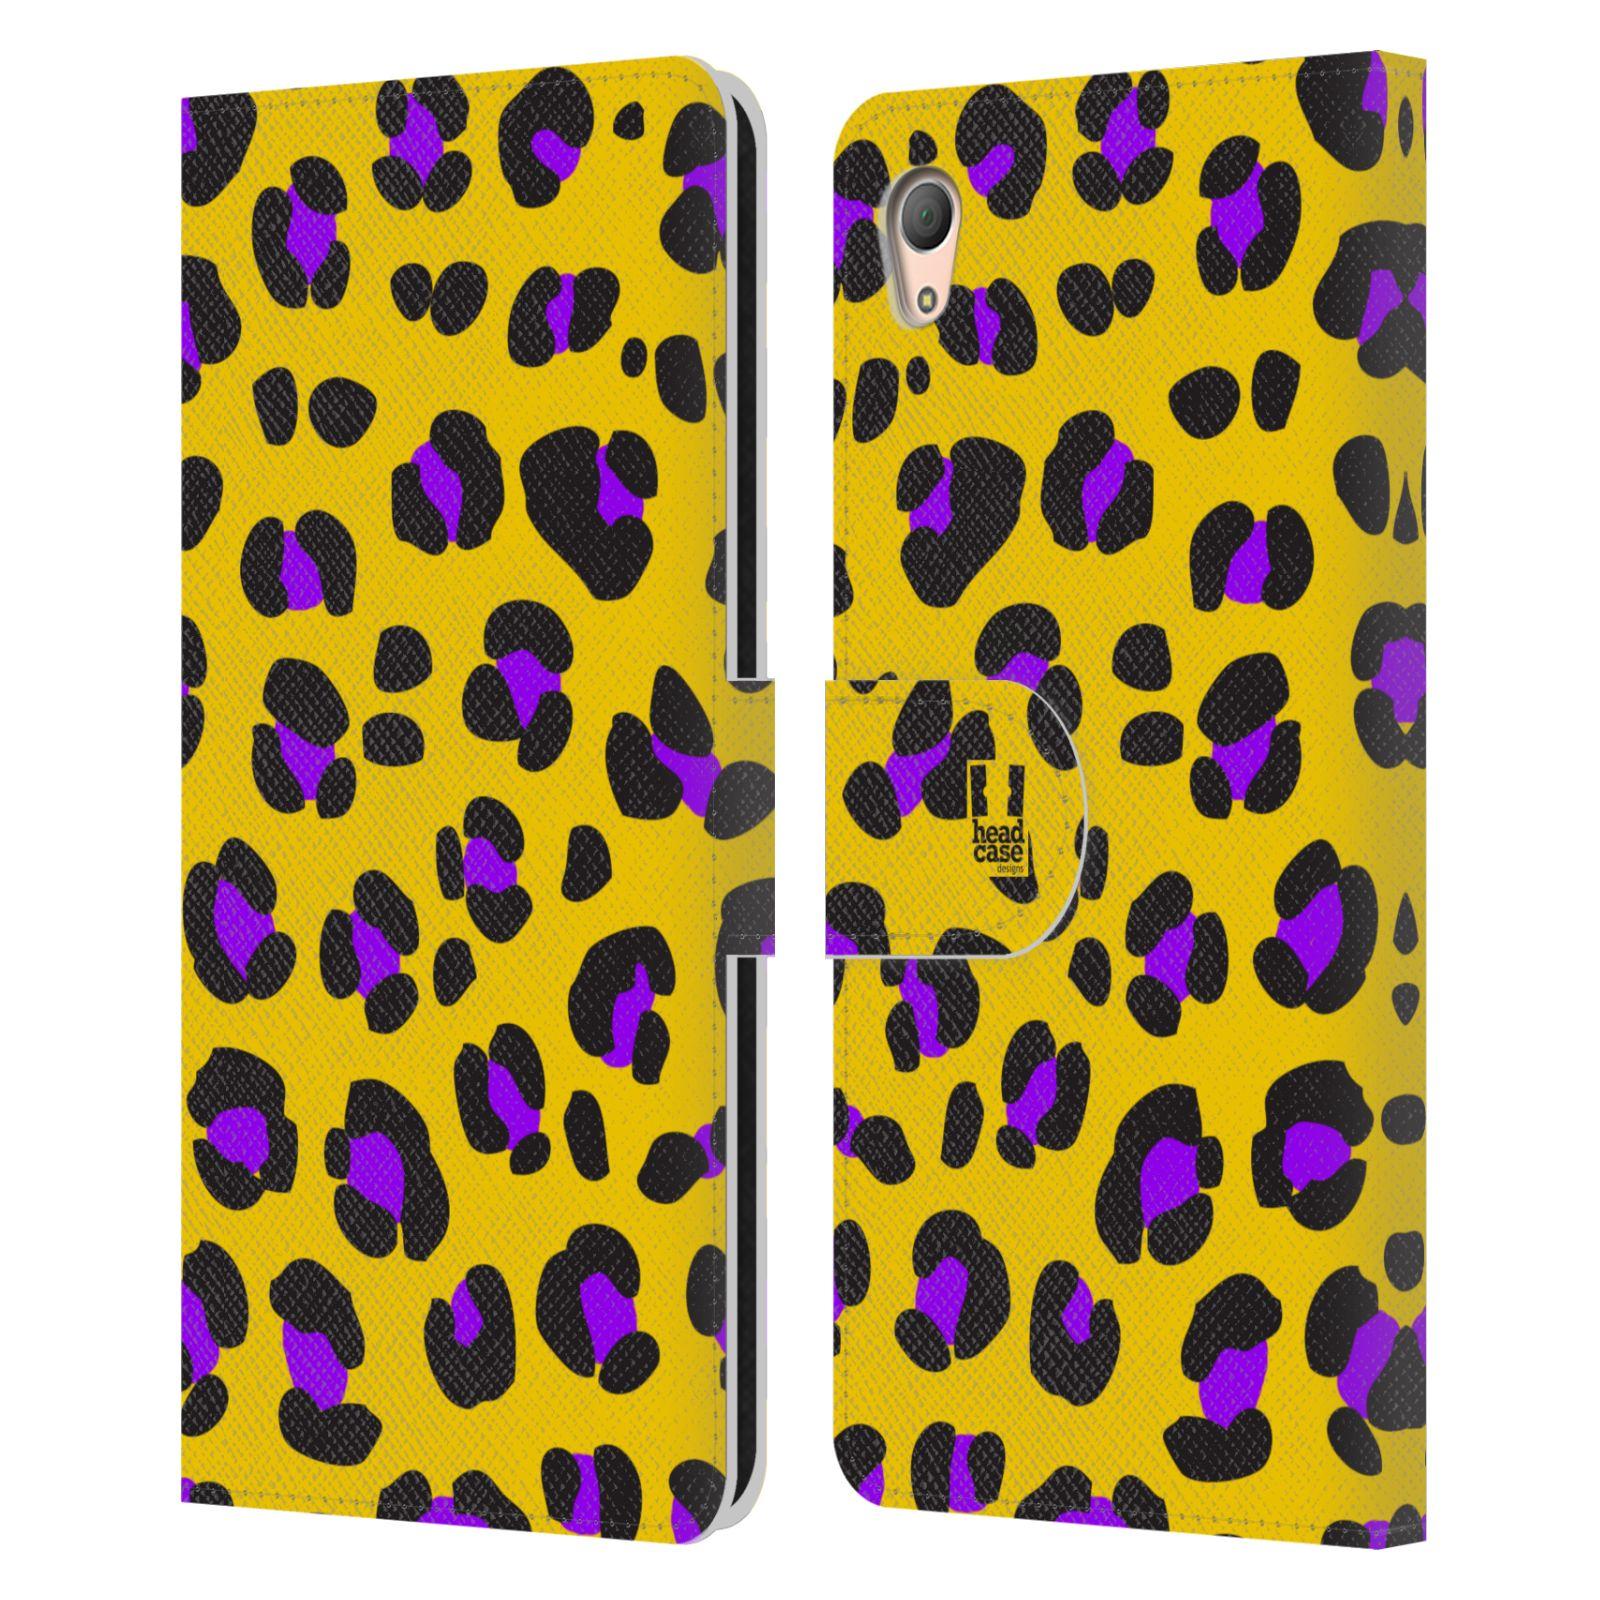 HEAD CASE Flipové pouzdro pro mobil SONY XPERIA Z3+ (PLUS) Zvířecí barevné vzory žlutý leopard fialové skvrny